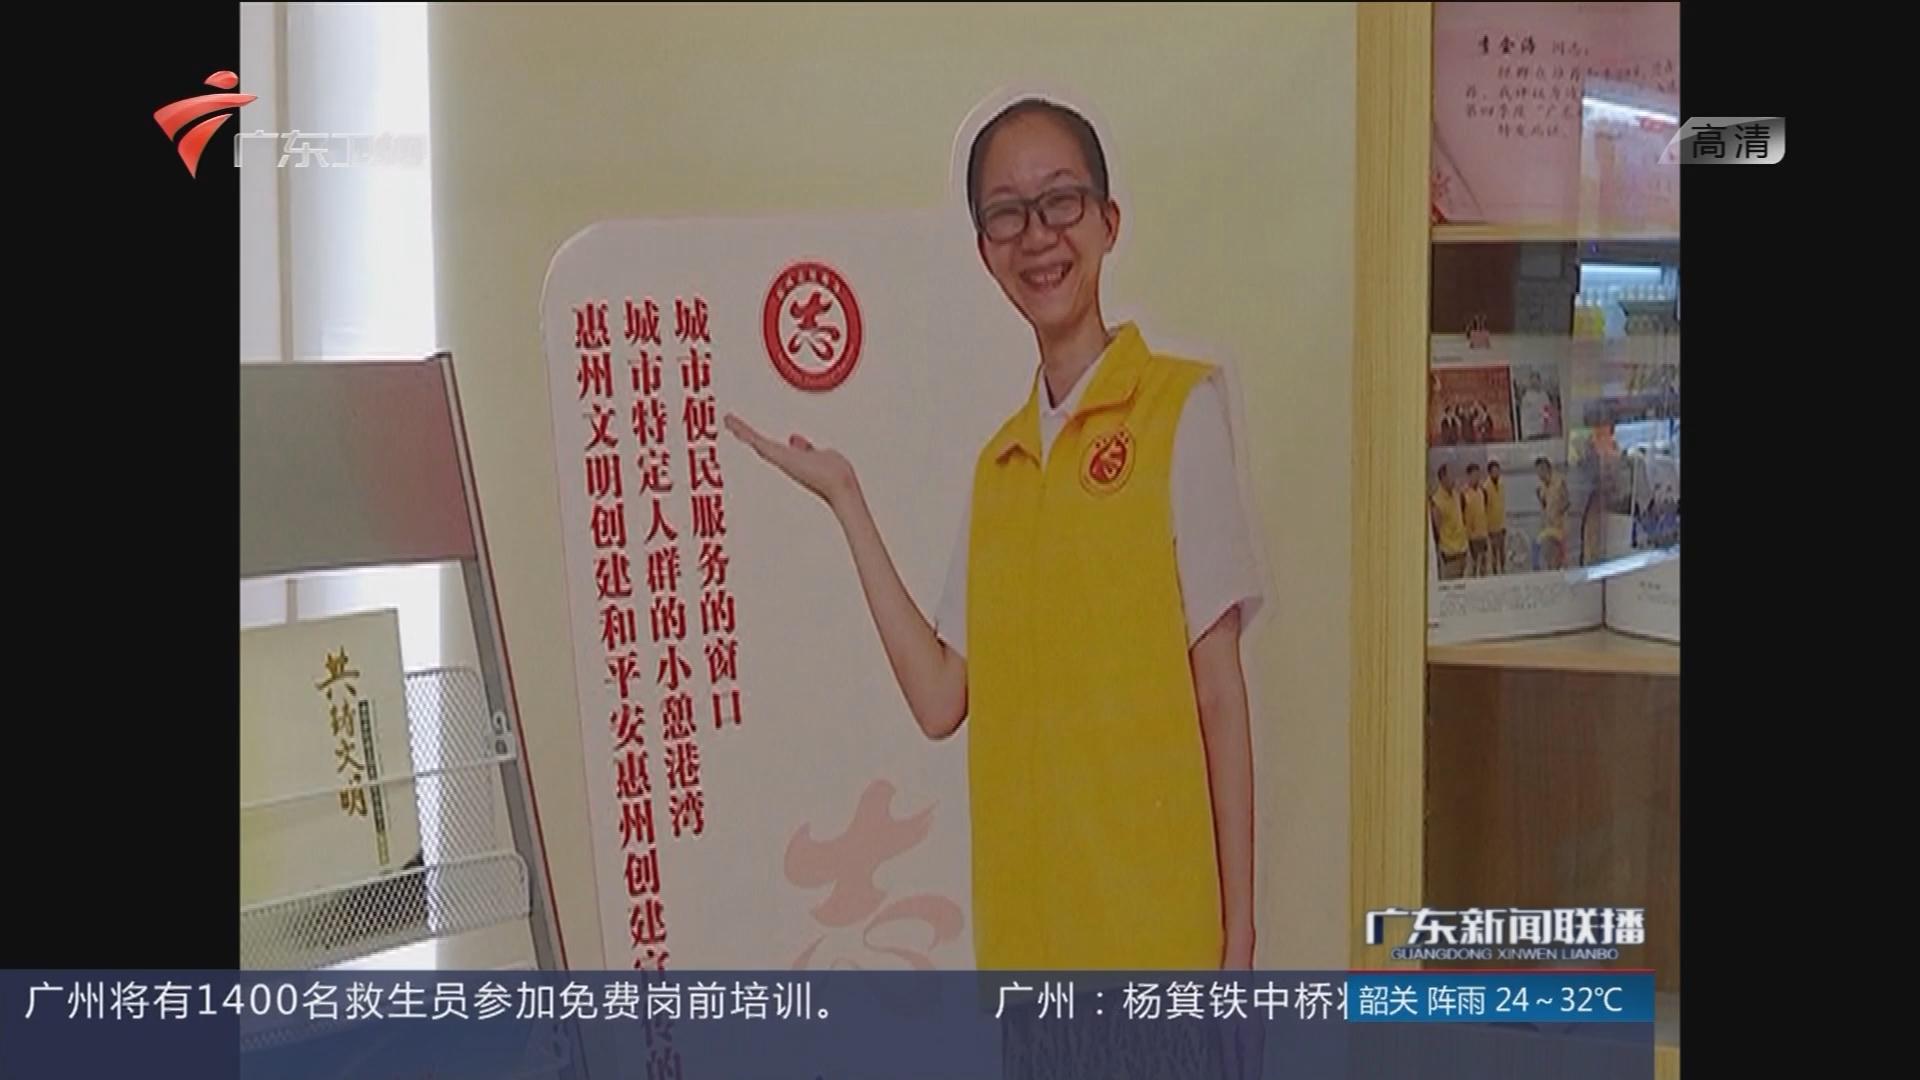 惠州:建43座好人志愿服务站 打造10分钟志愿服务圈